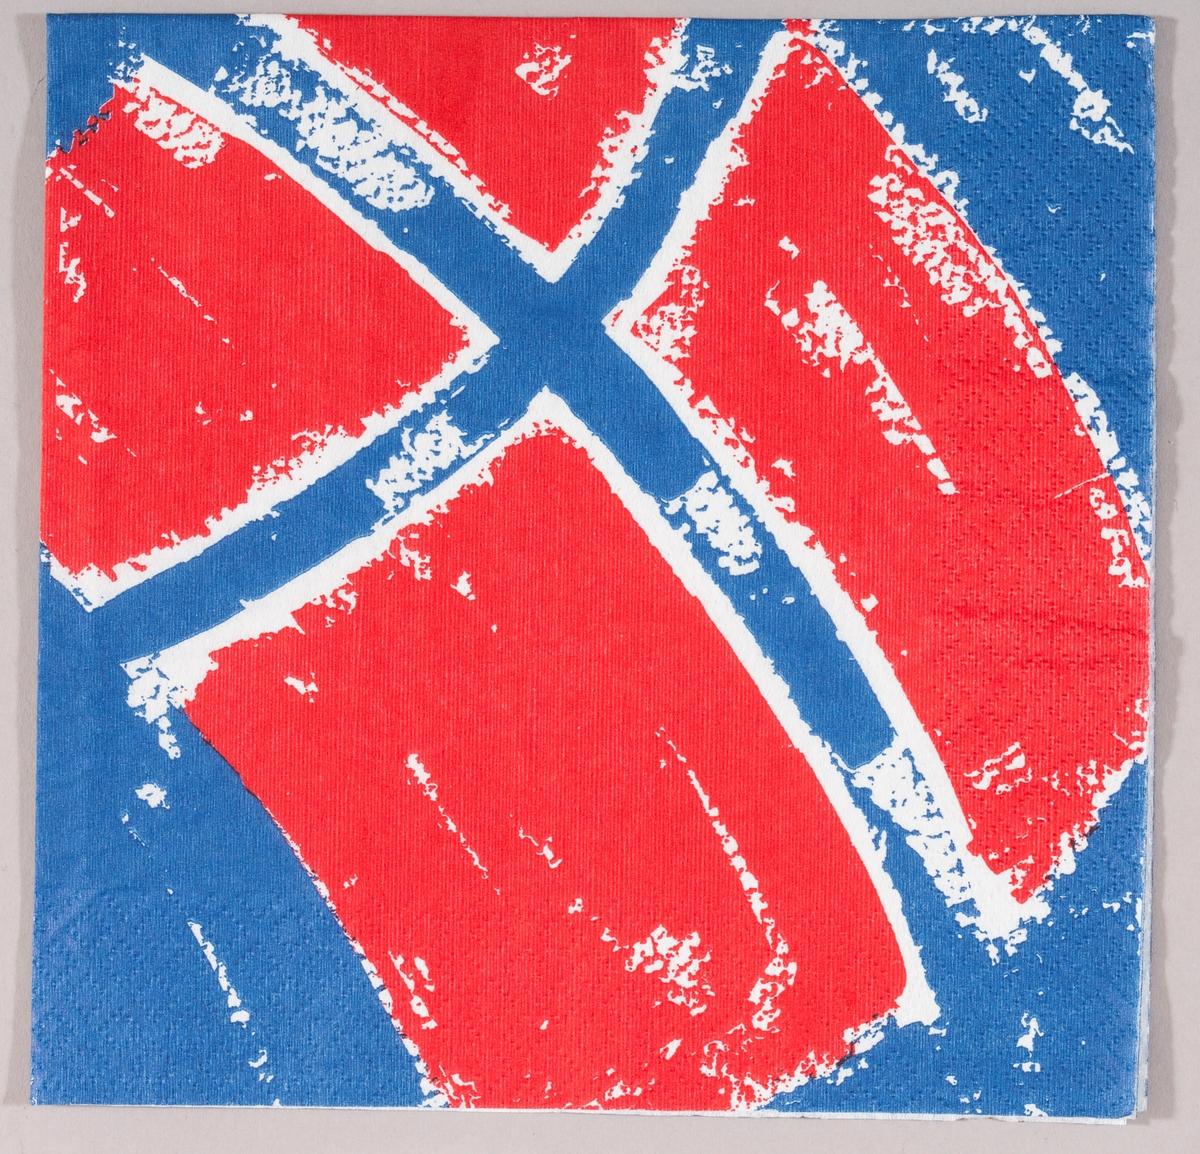 Det norske flagget.